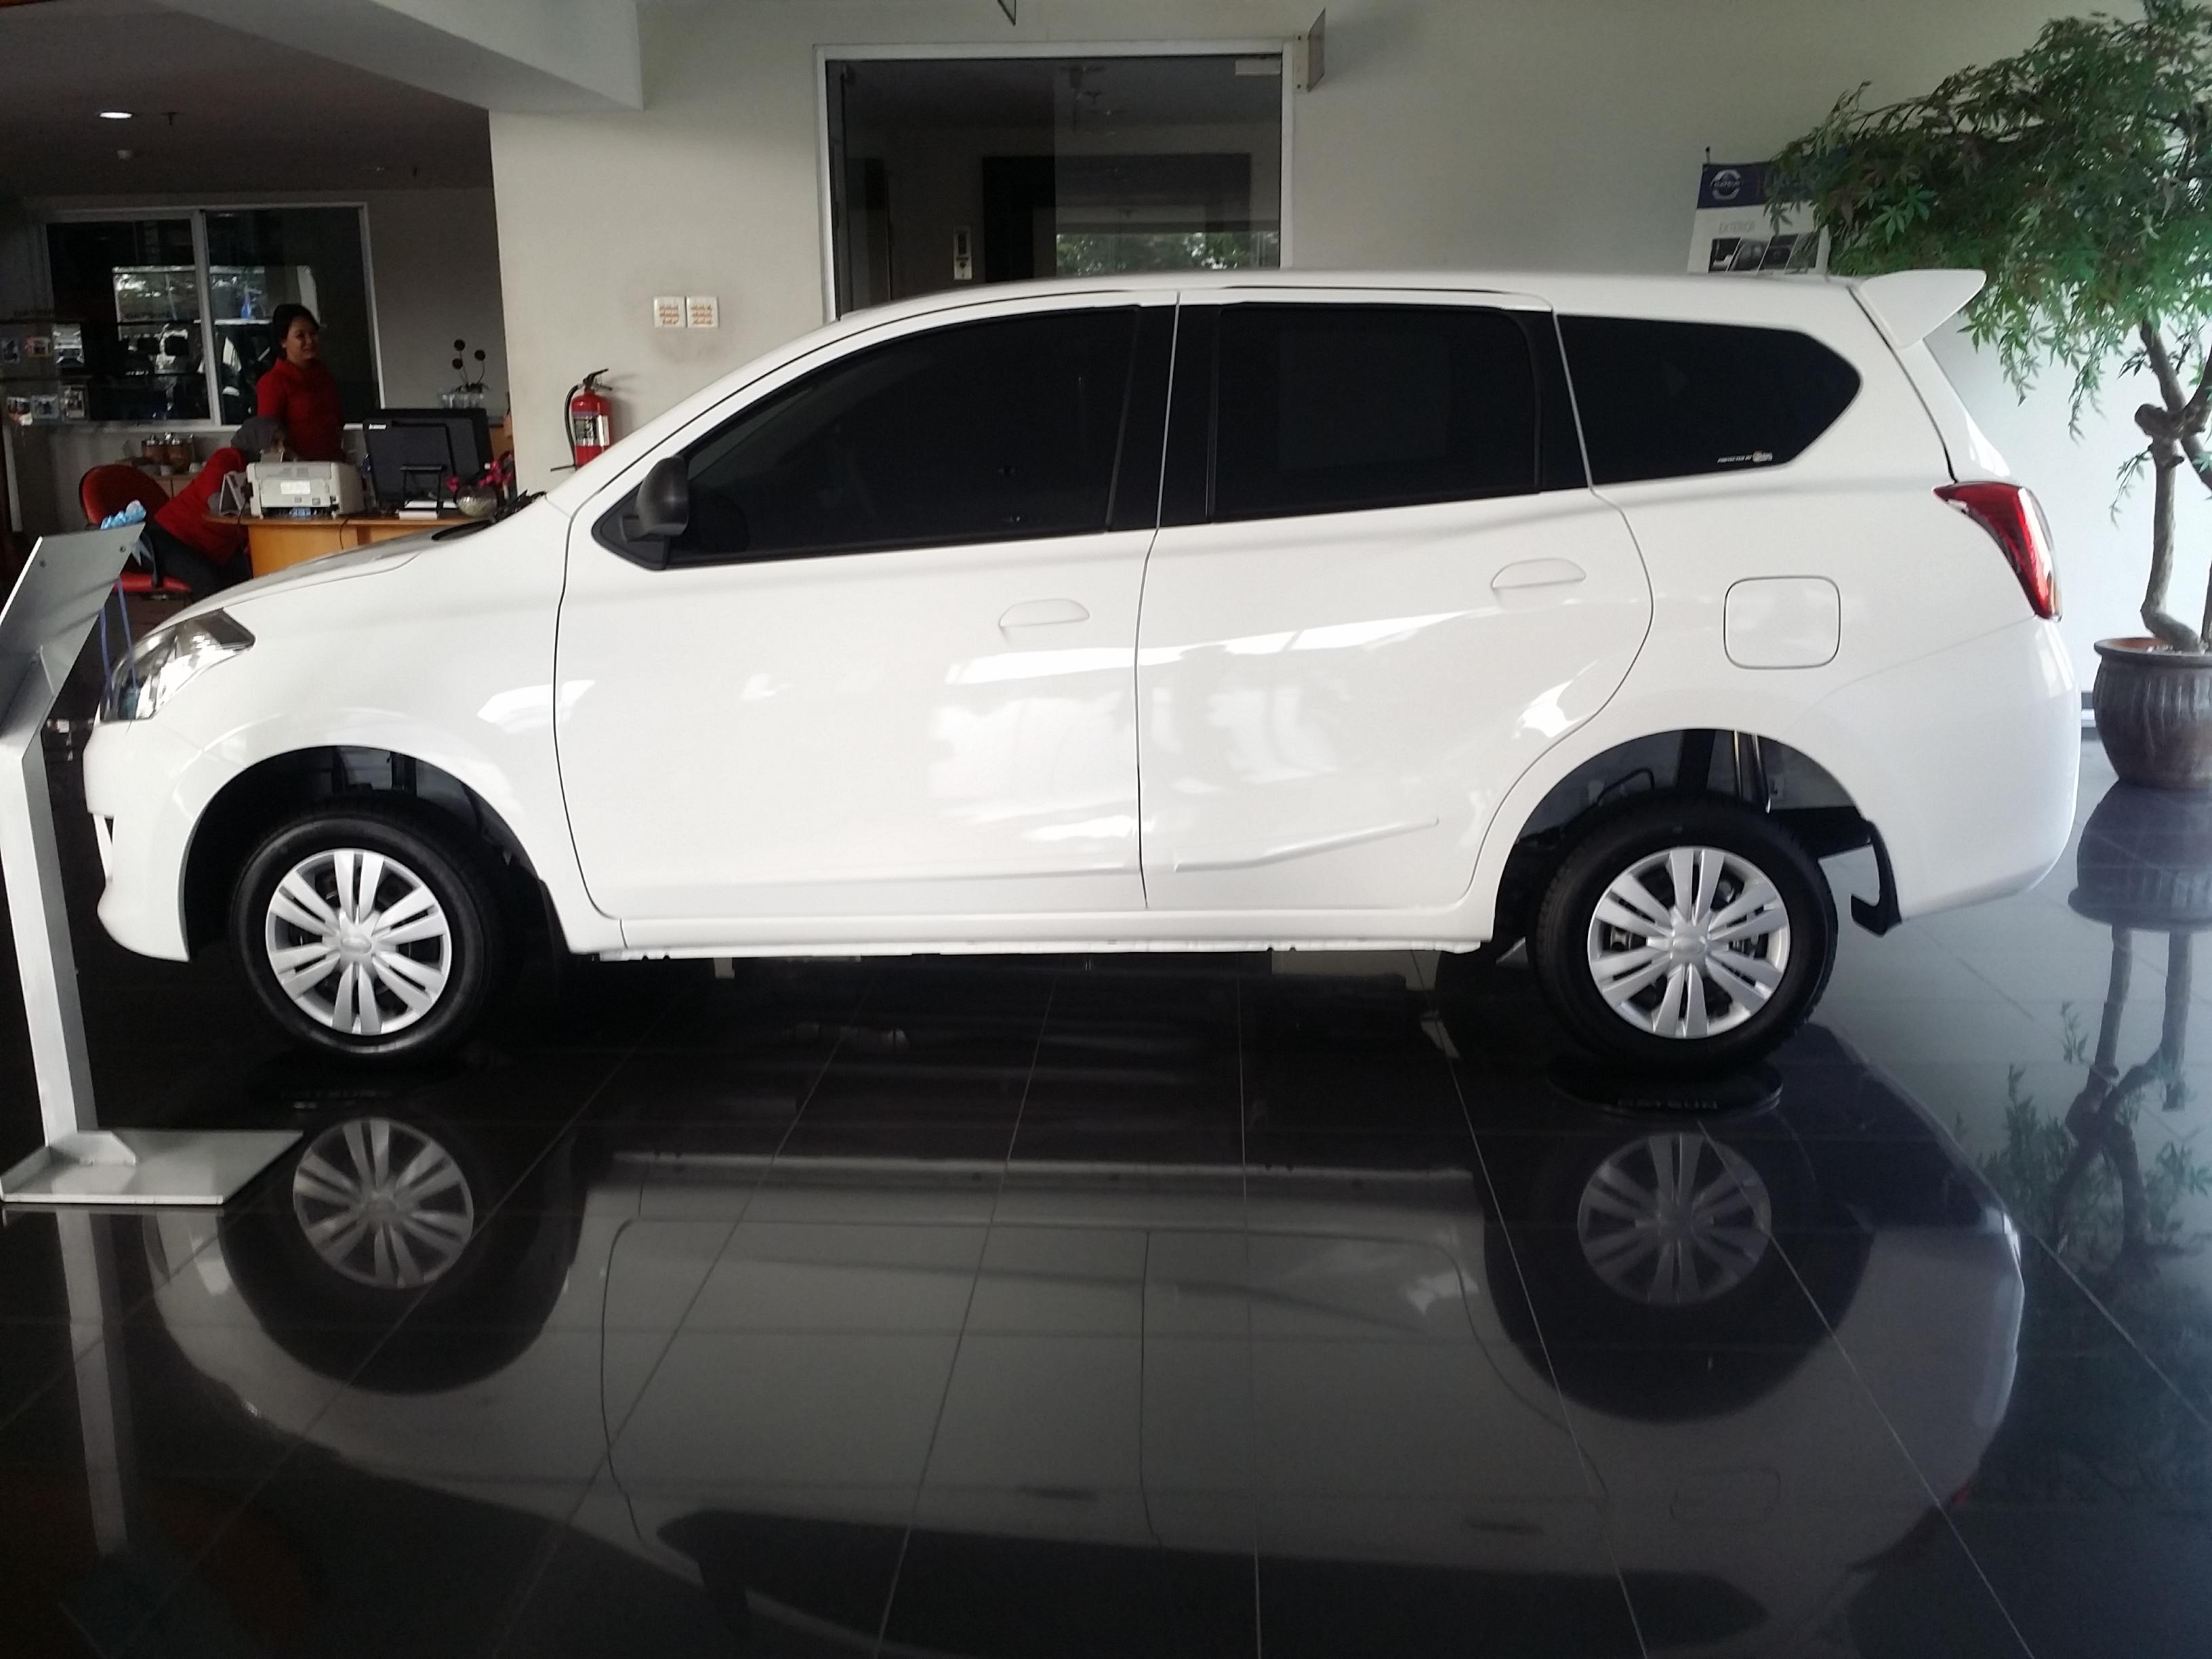 pengertianmodifikasi: Modifikasi Datsun Go+ T Option Images